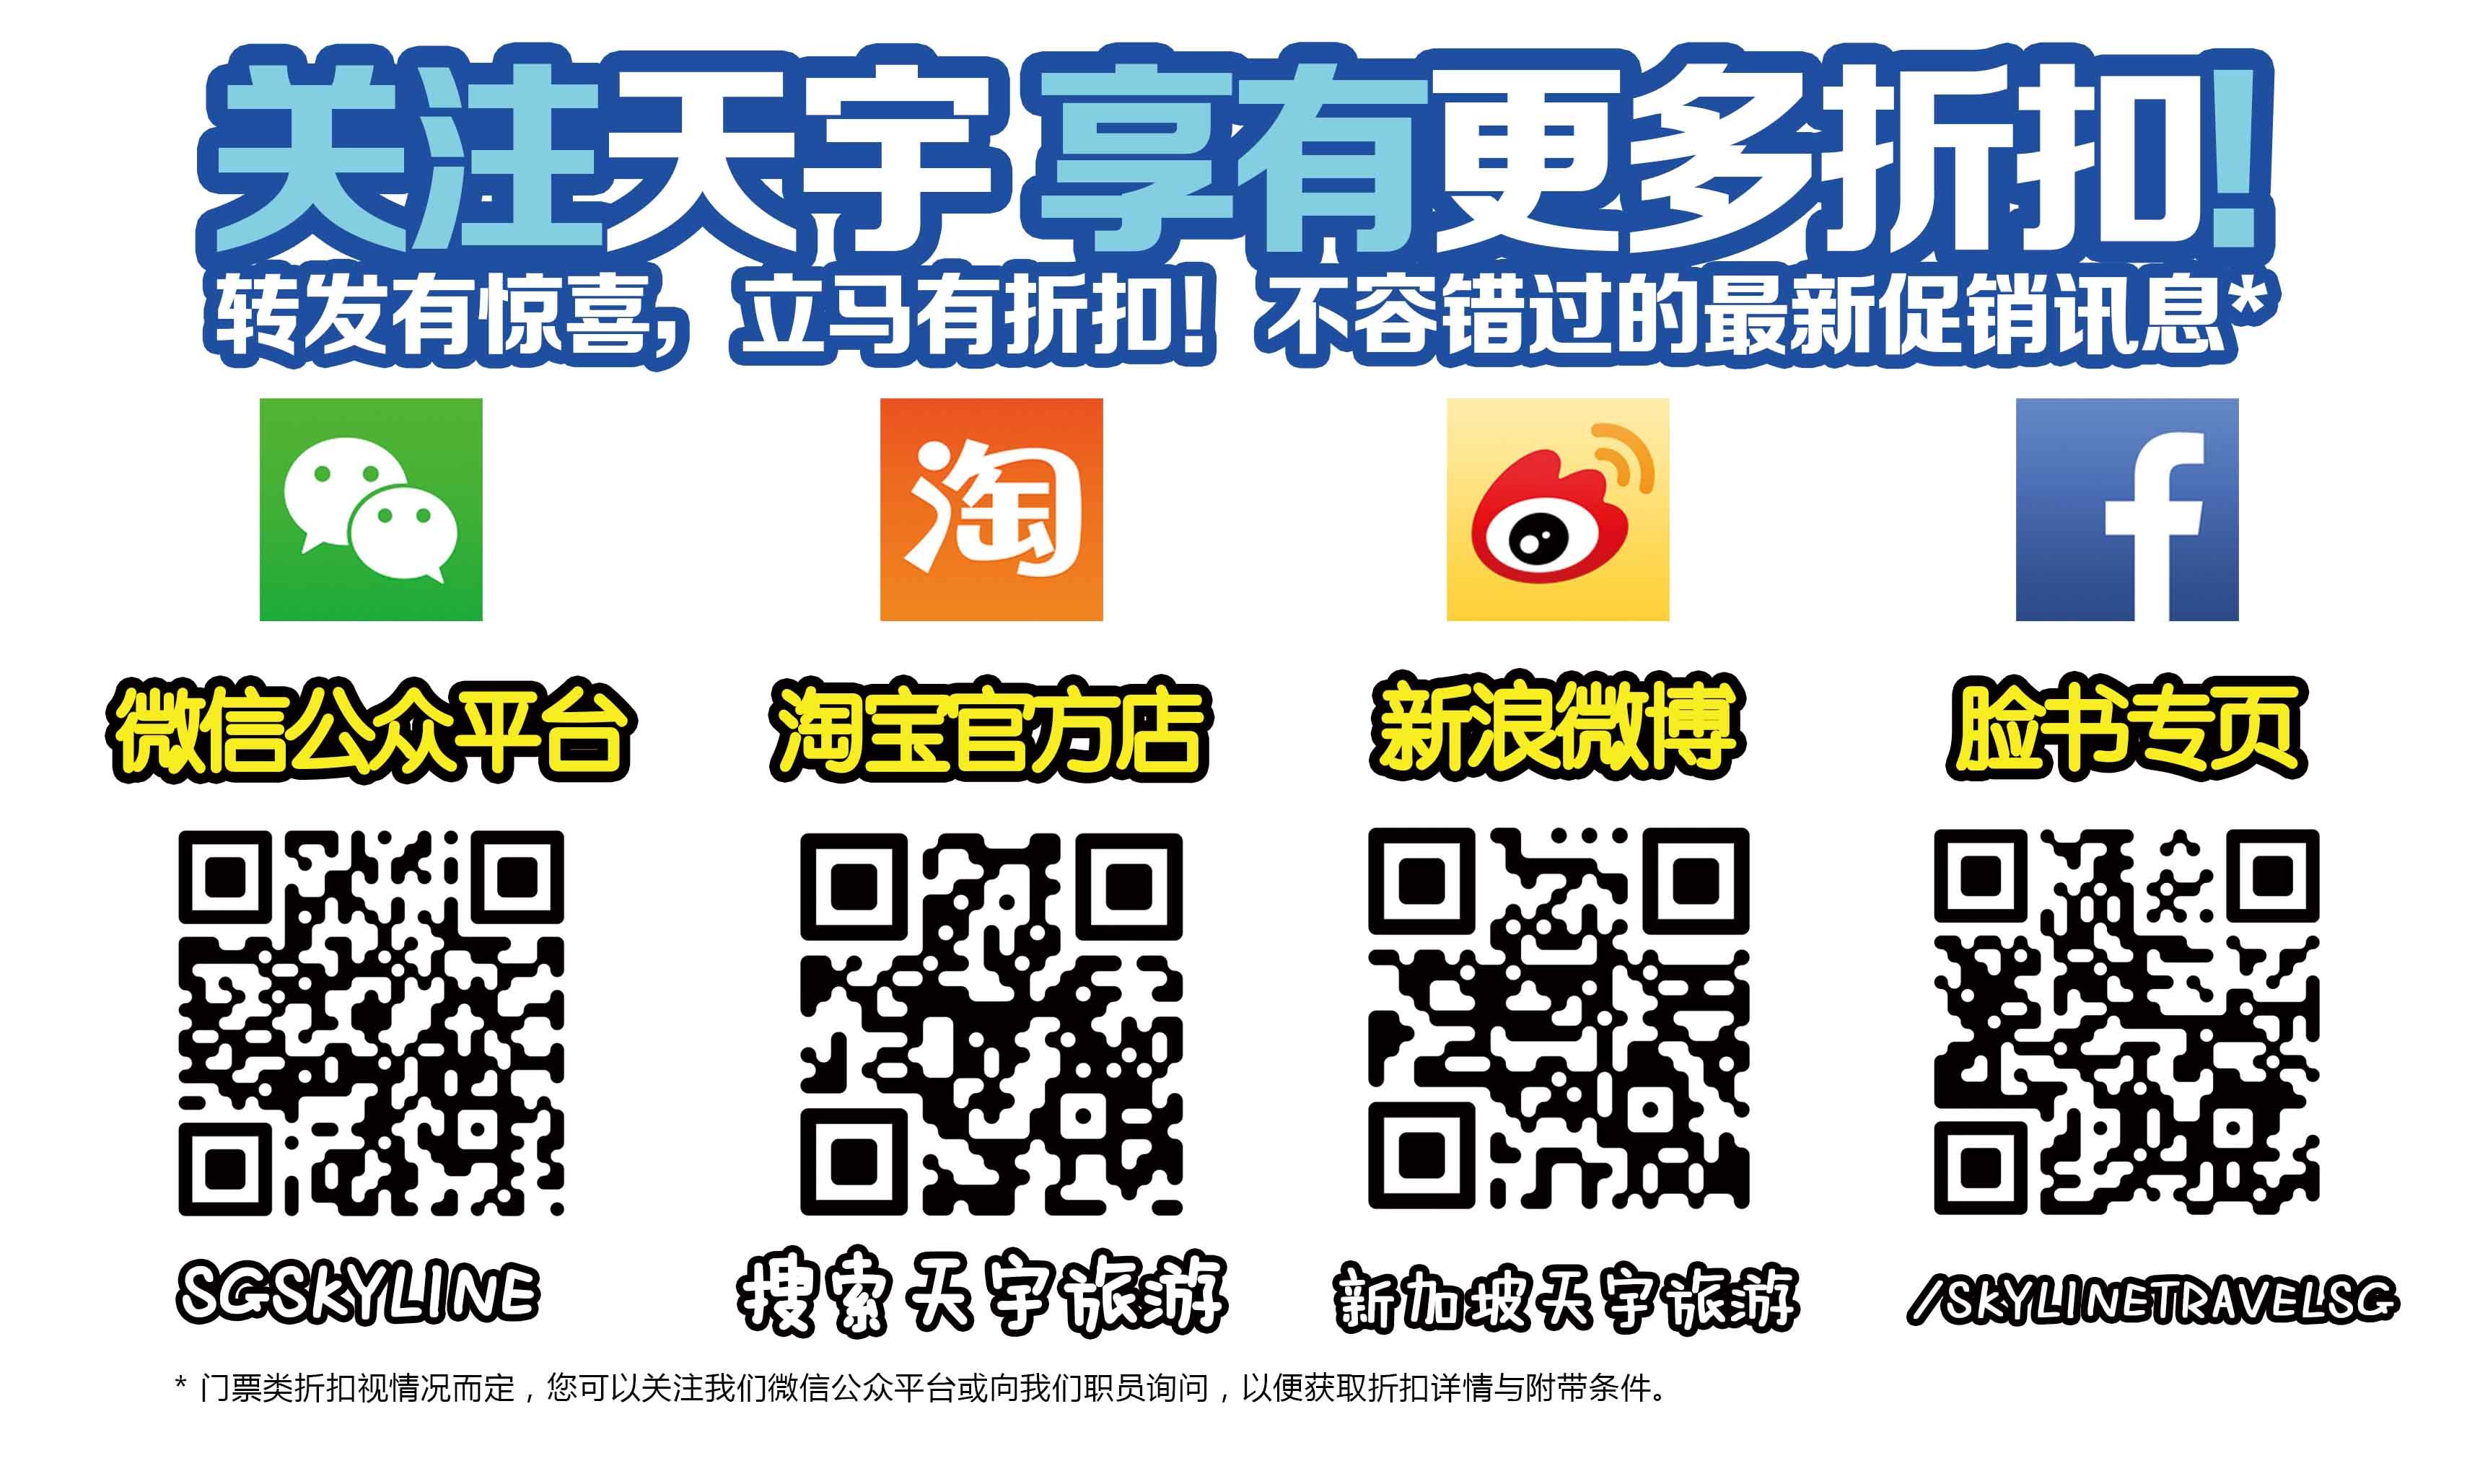 广告 社交平台二维码全集.jpg